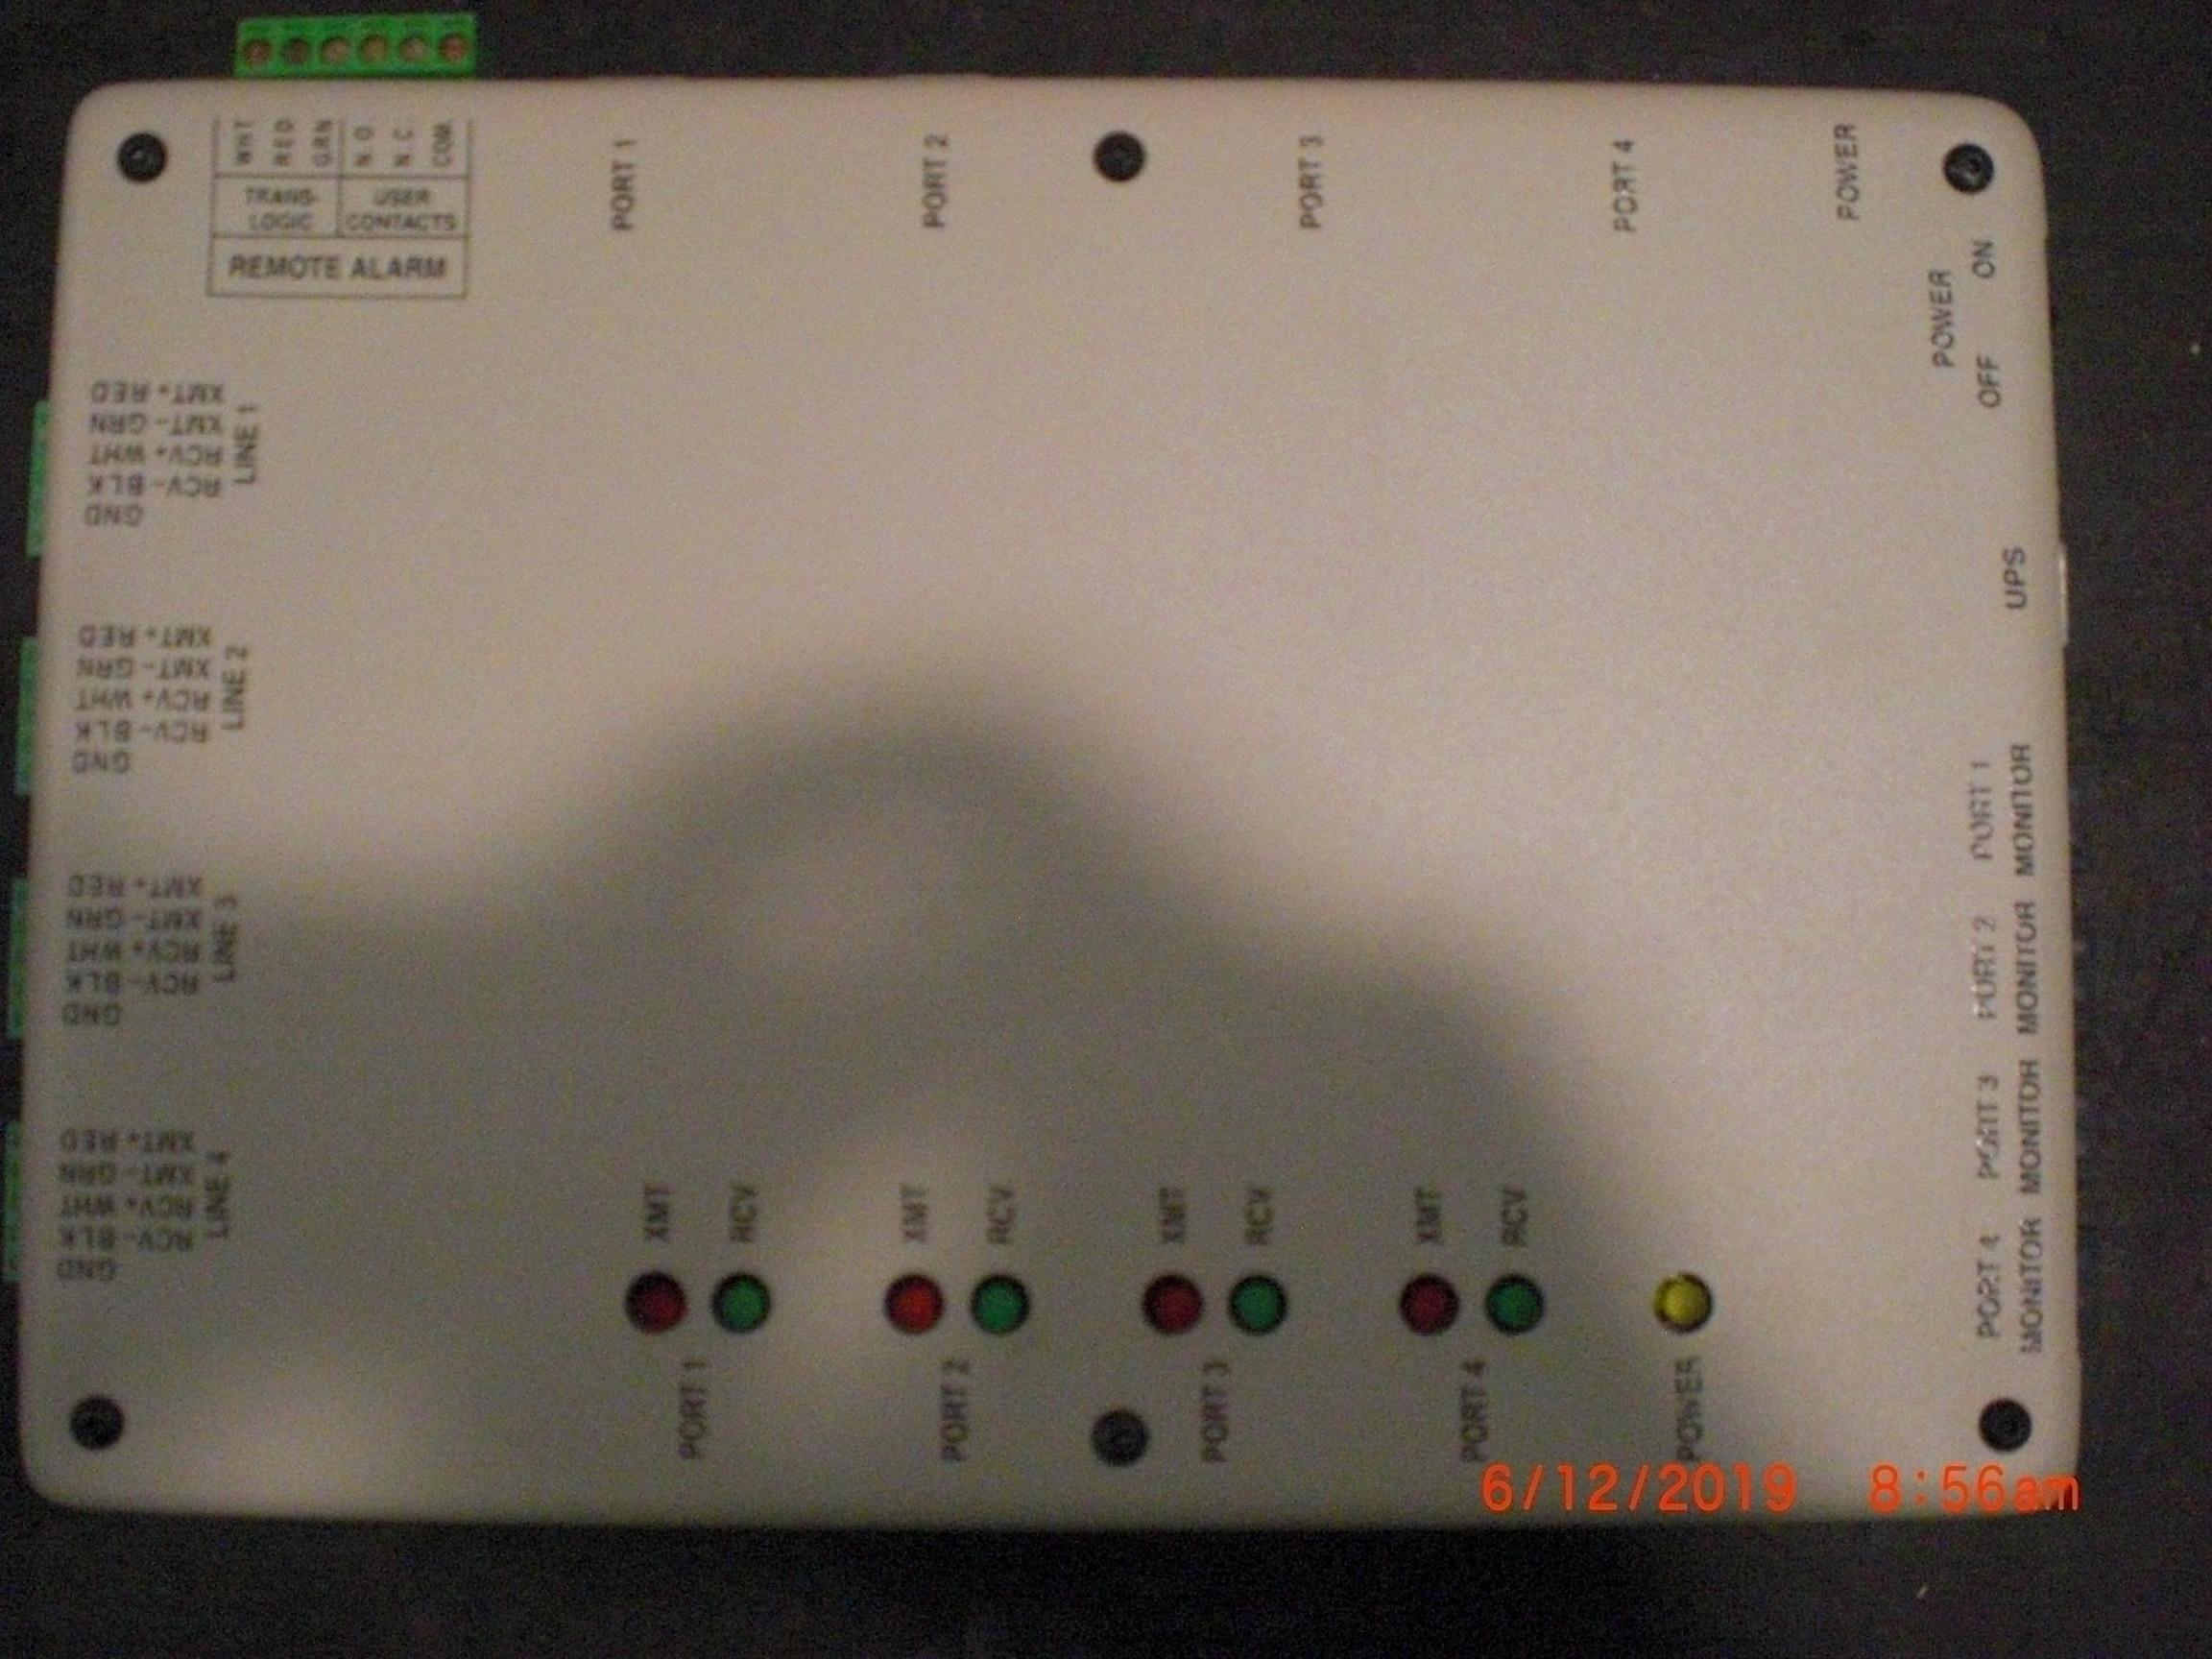 Controller Swisslog 86329401 SSC-WPX